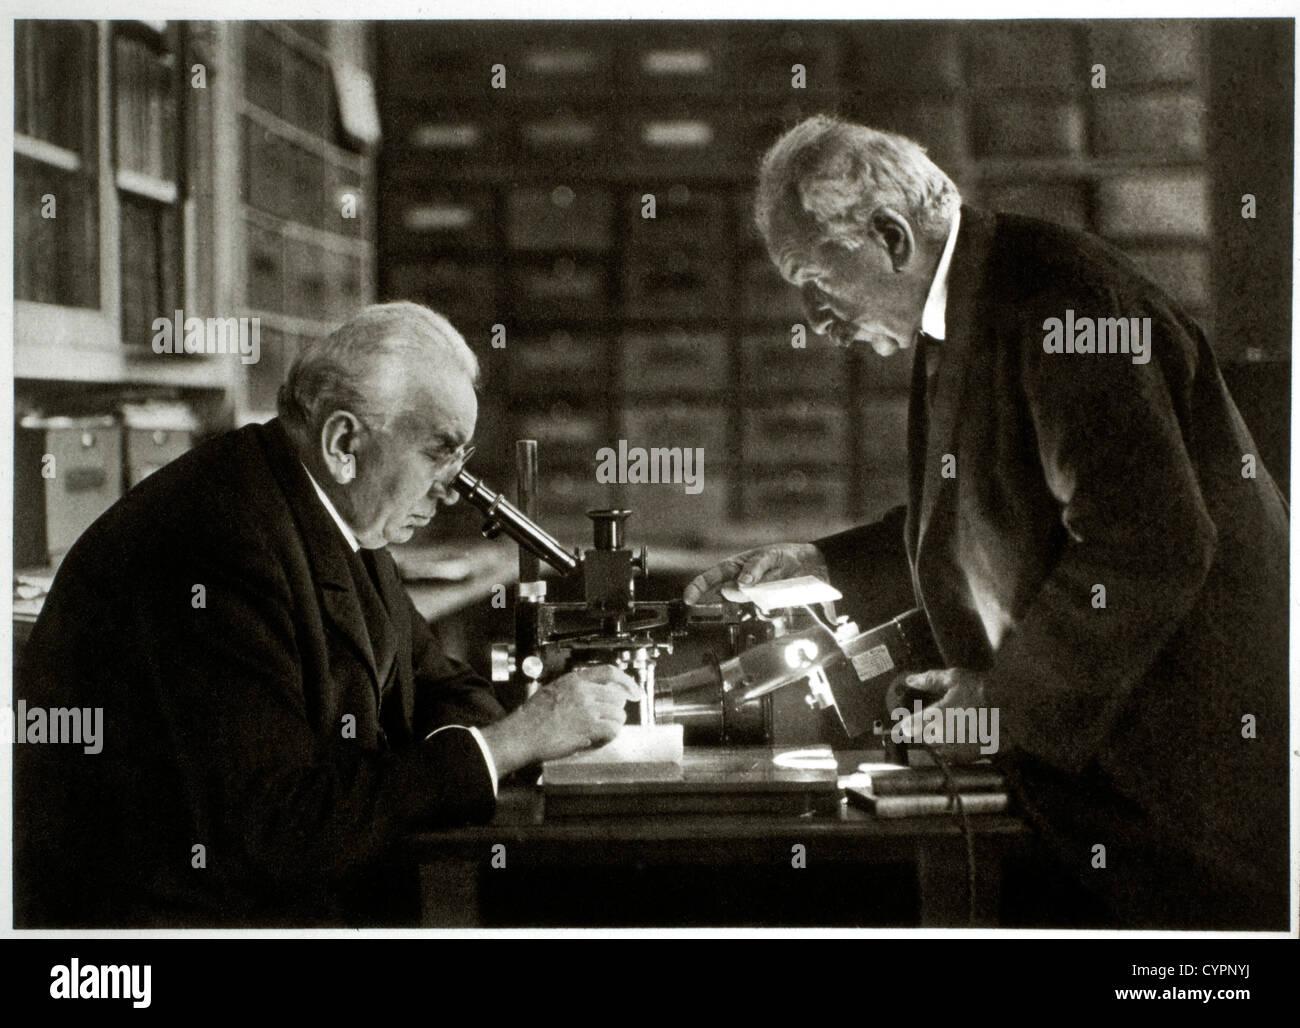 Louis Jean (1864-1948) e Auguste (1862-1954) Lumiere, inventori del Cinematographe Immagini Stock